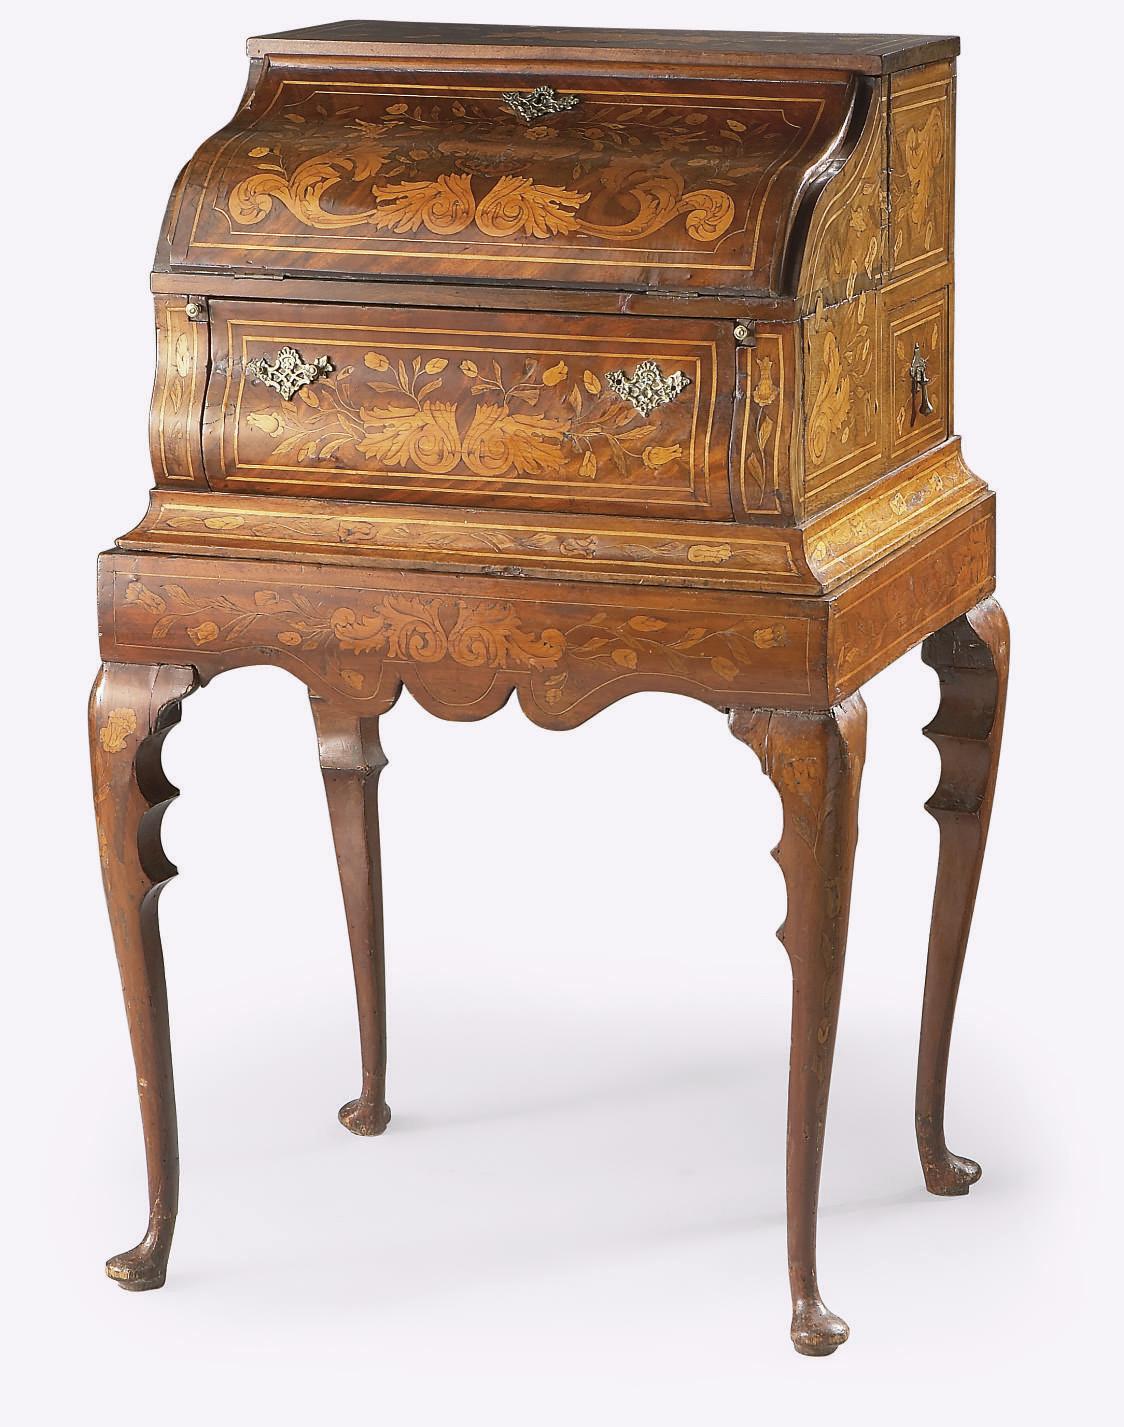 meuble scriban du milieu du xixeme siecle travail hollandais christie 39 s. Black Bedroom Furniture Sets. Home Design Ideas